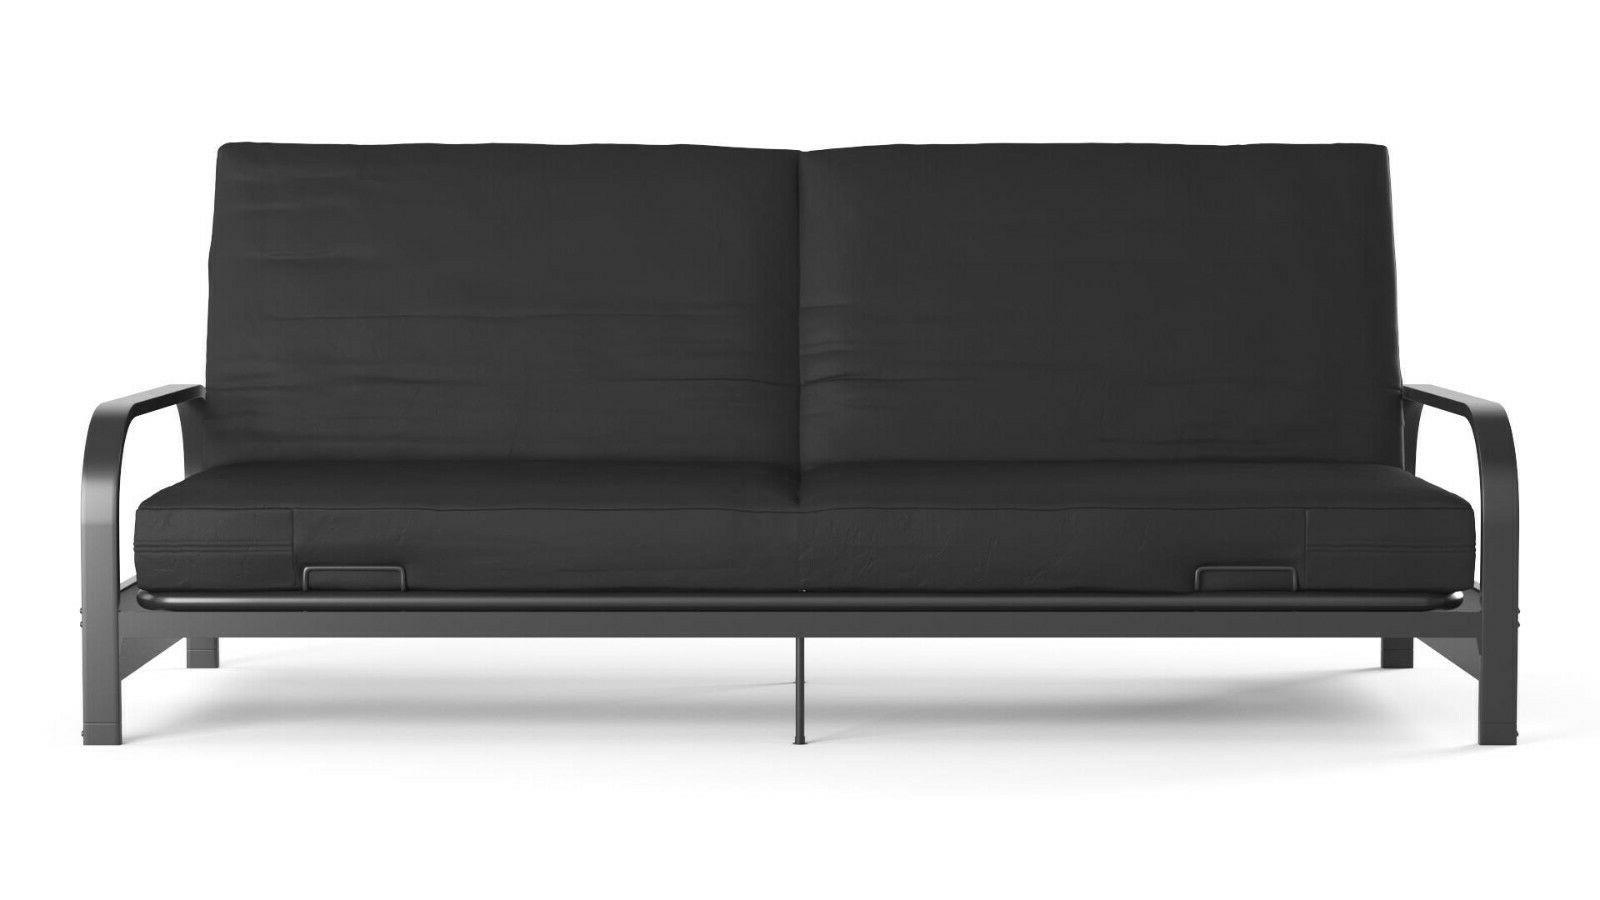 Futon Bed Convertible Mattress Full